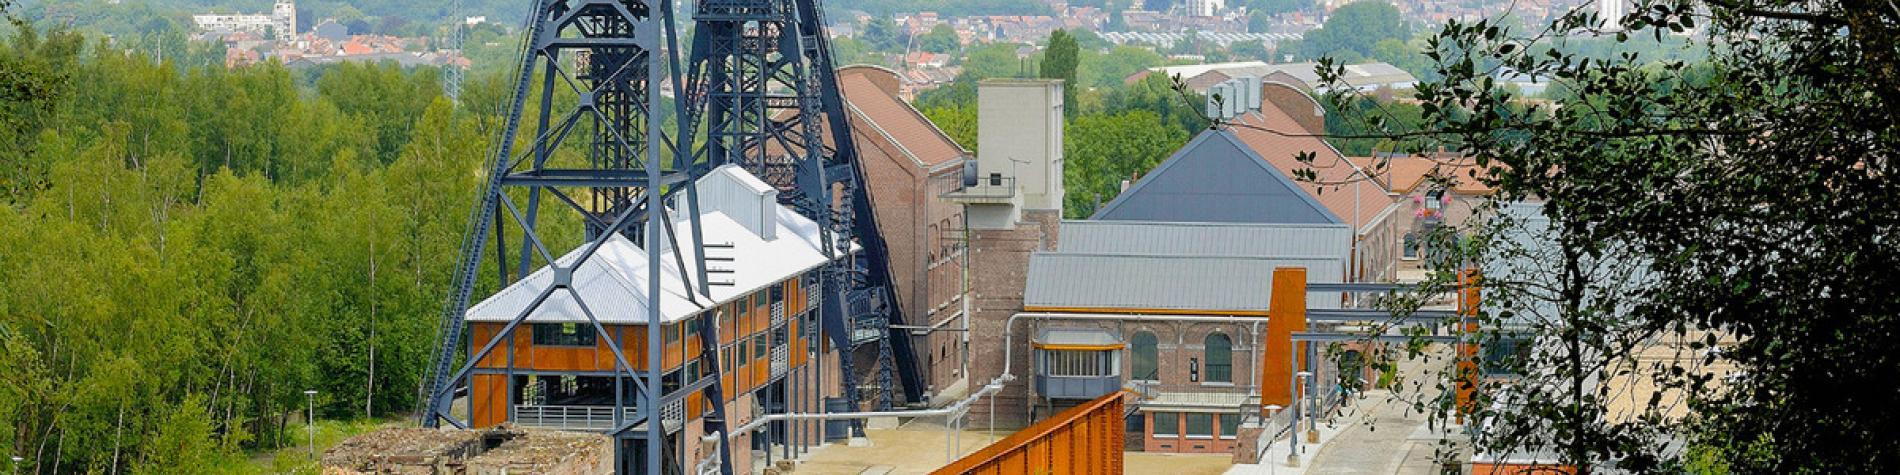 Charleroi autrement - Marcinelle - Bois du Cazier